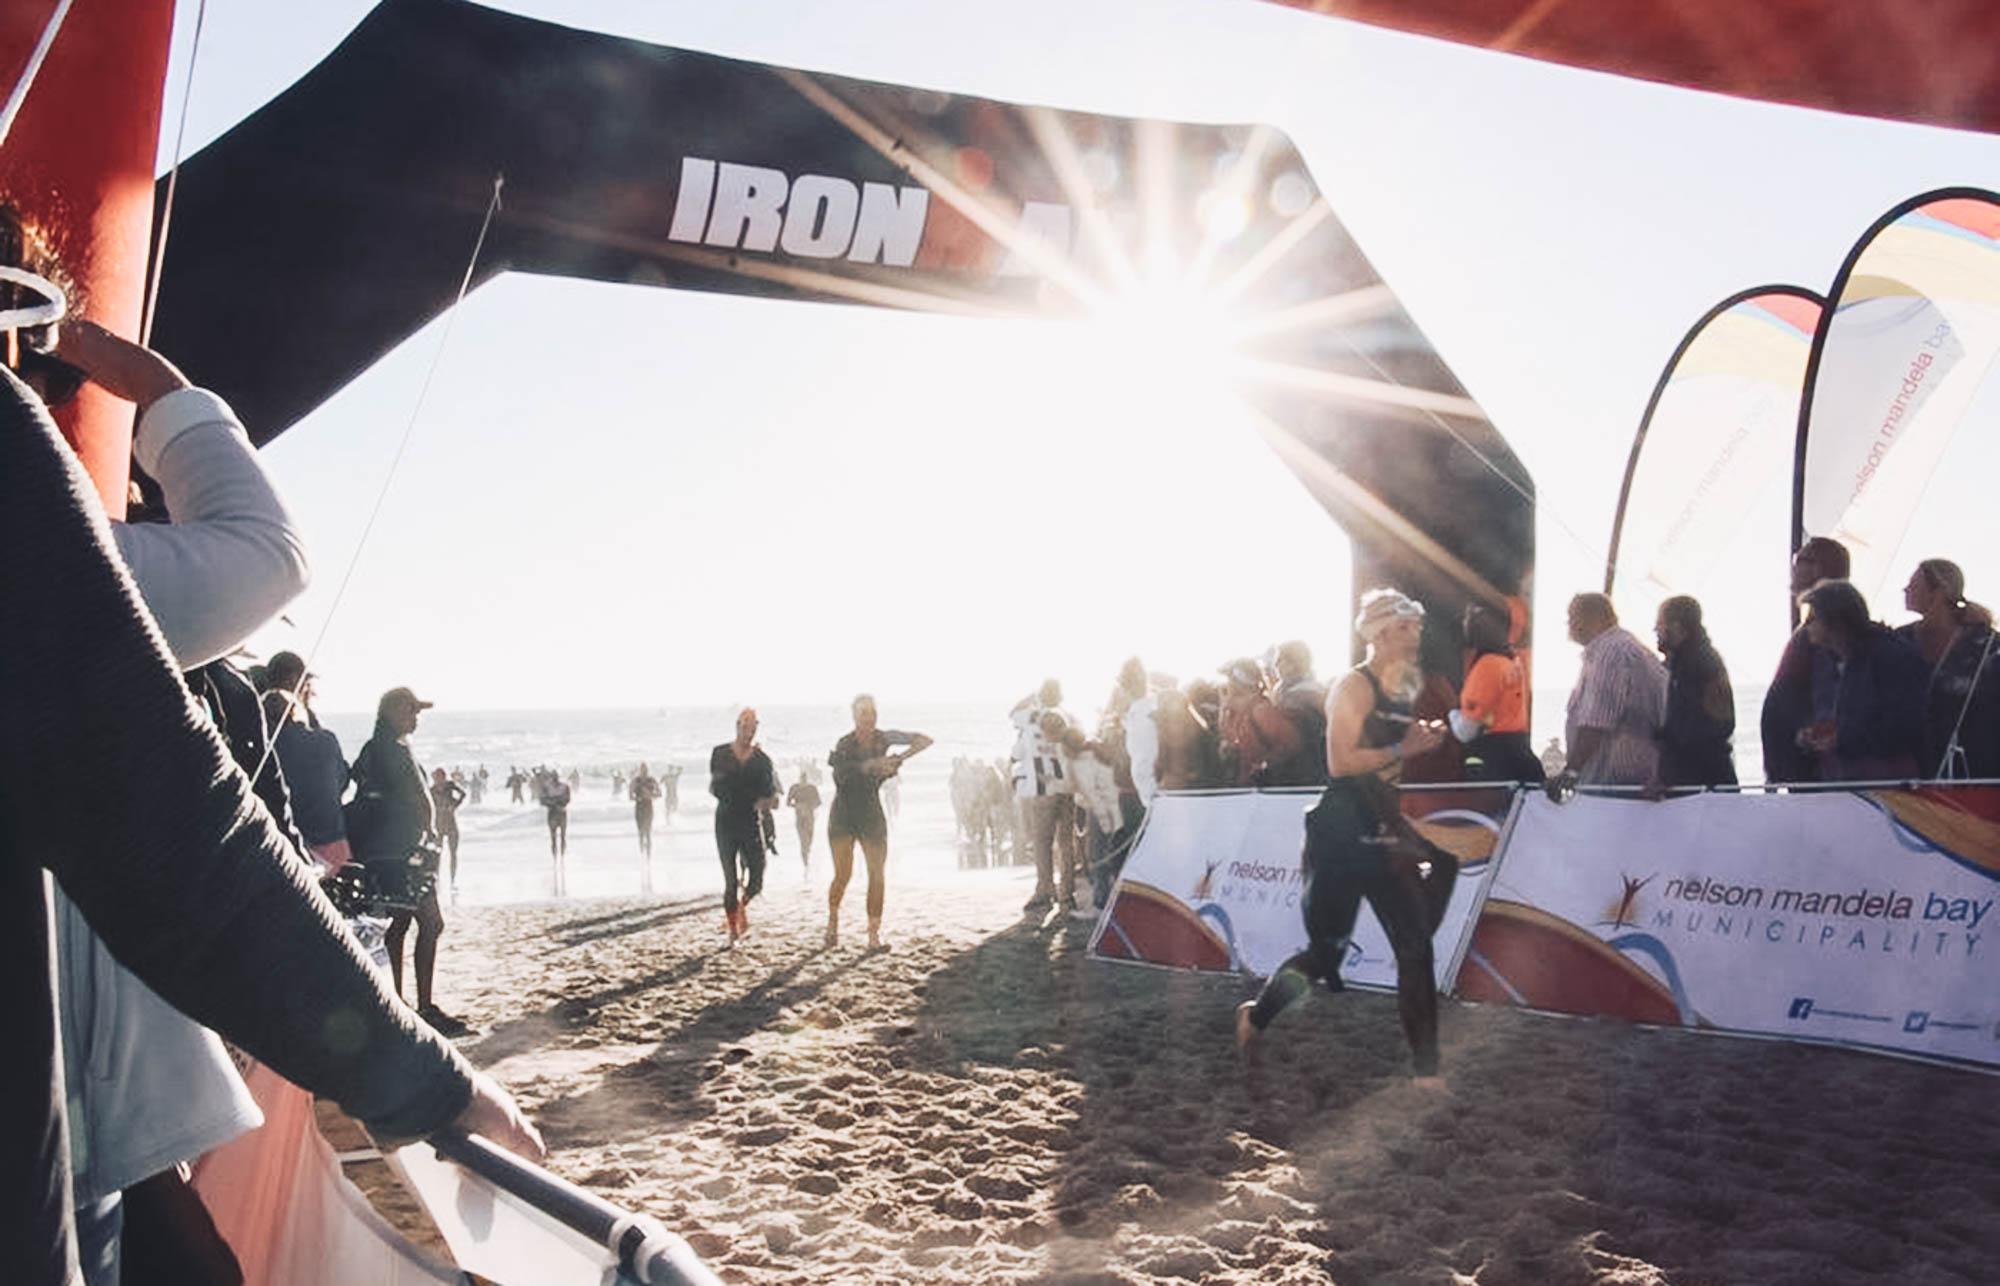 Schwimm-Finish beim IRONMAN Südafrika